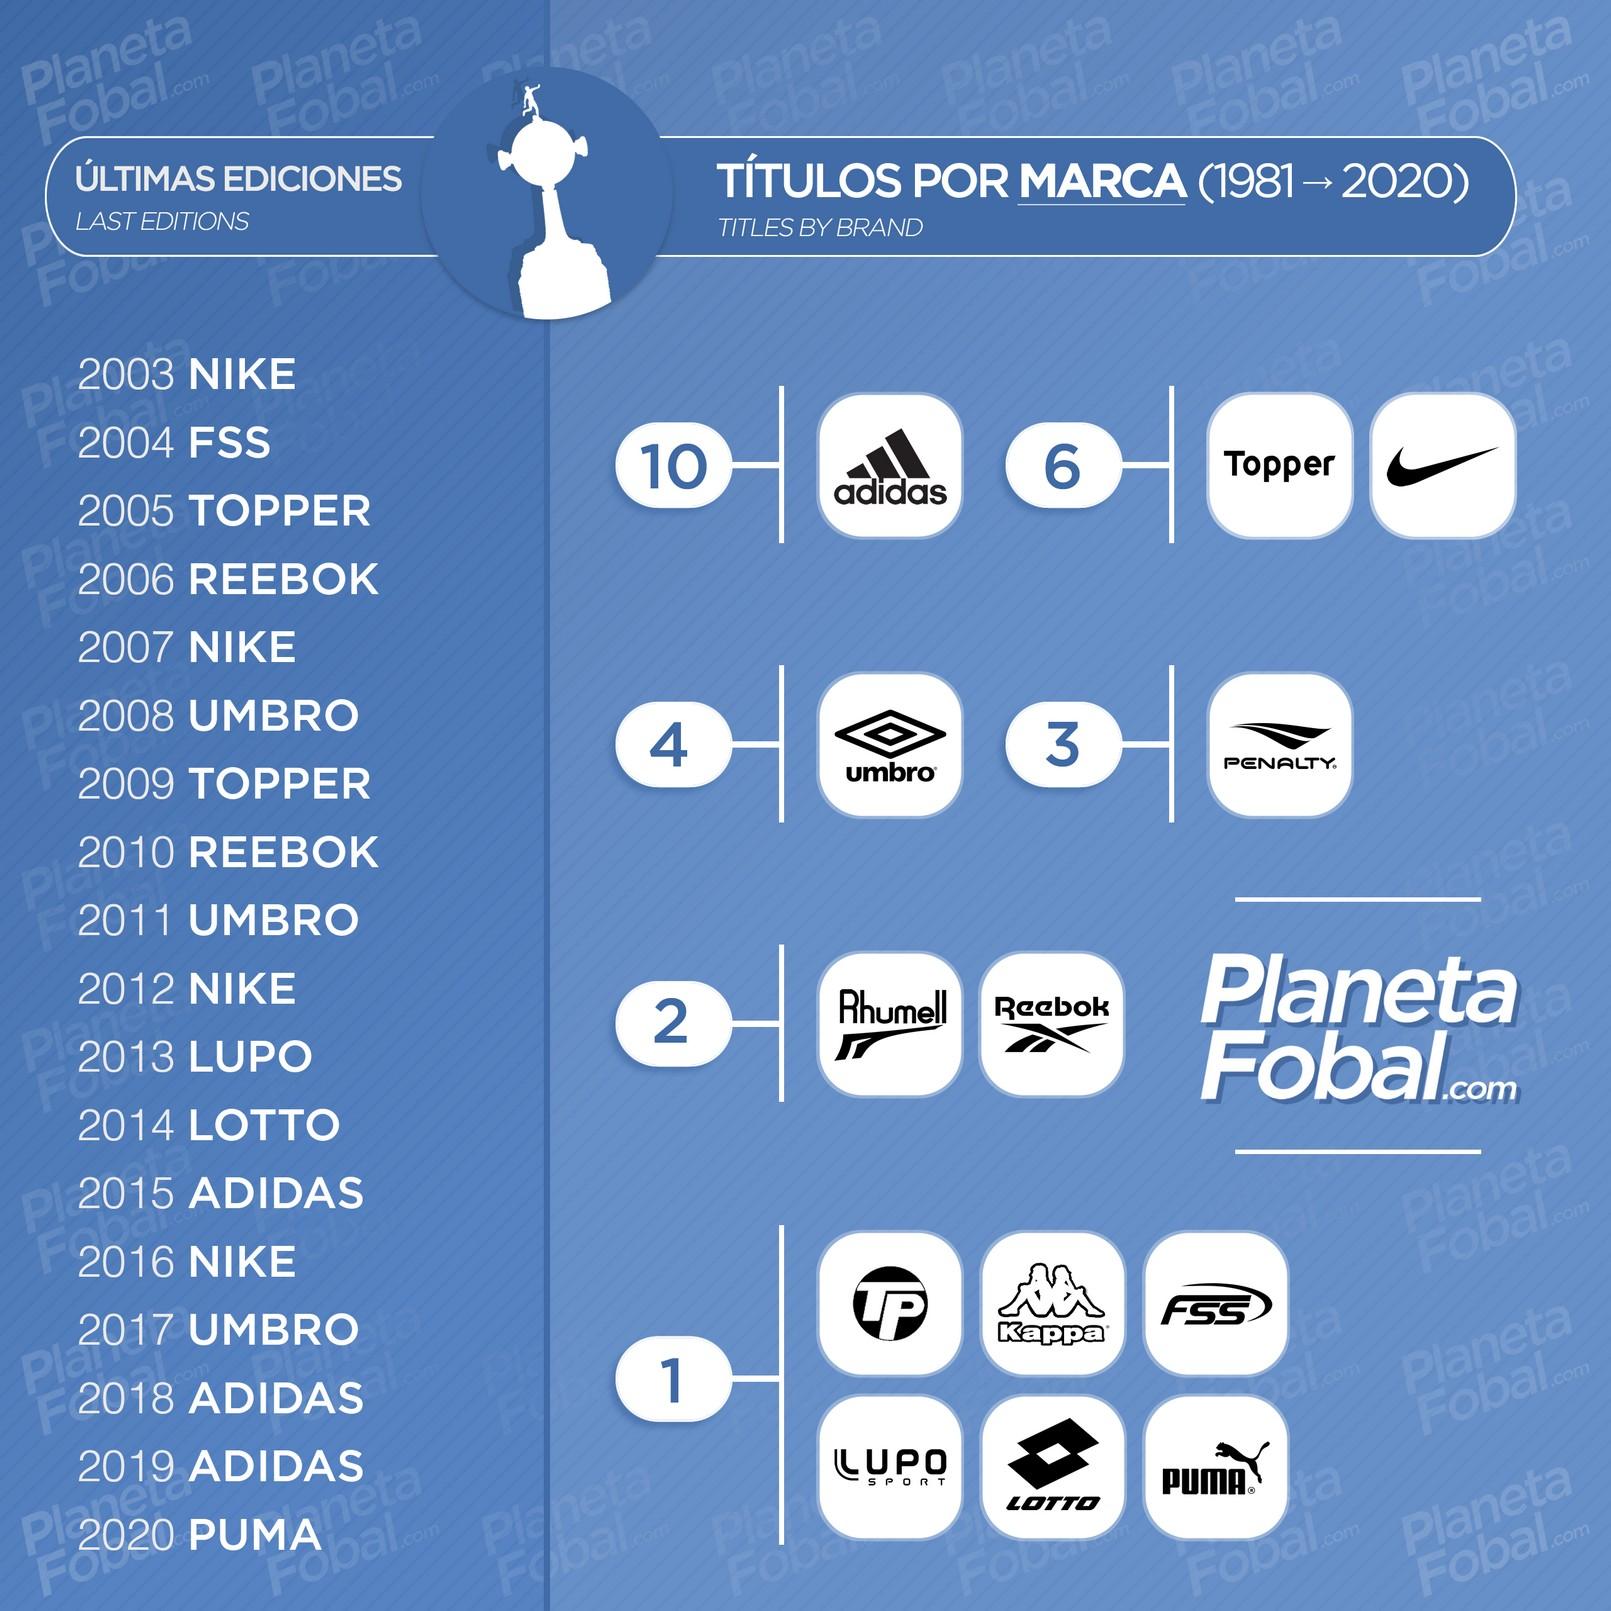 Títulos por marca deportiva